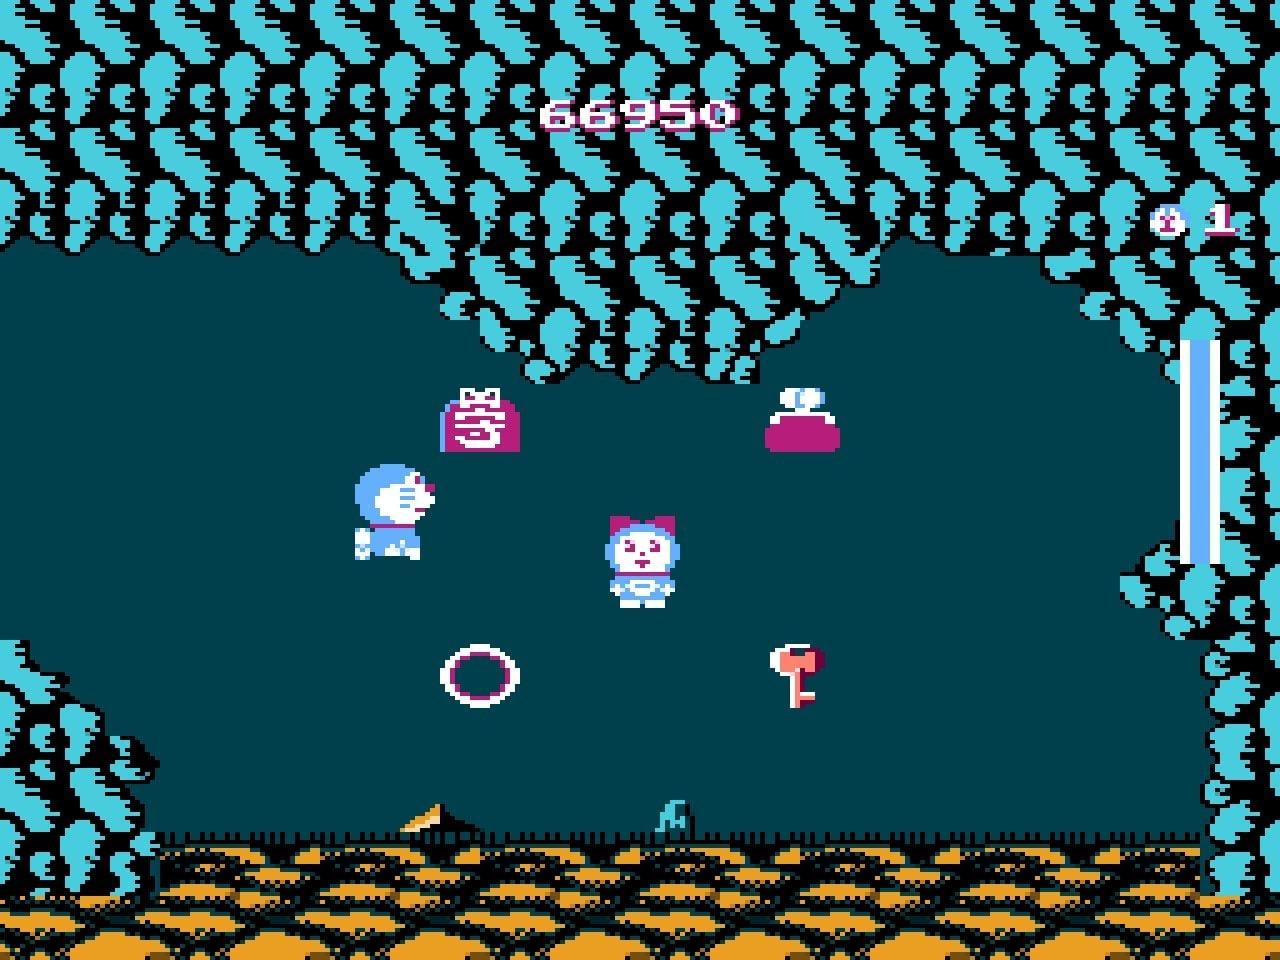 ファミコンゲーム3本分の面白さを凝縮!? ハドソン版『ドラえもん』に感じた「底しれぬ原作愛」の画像012